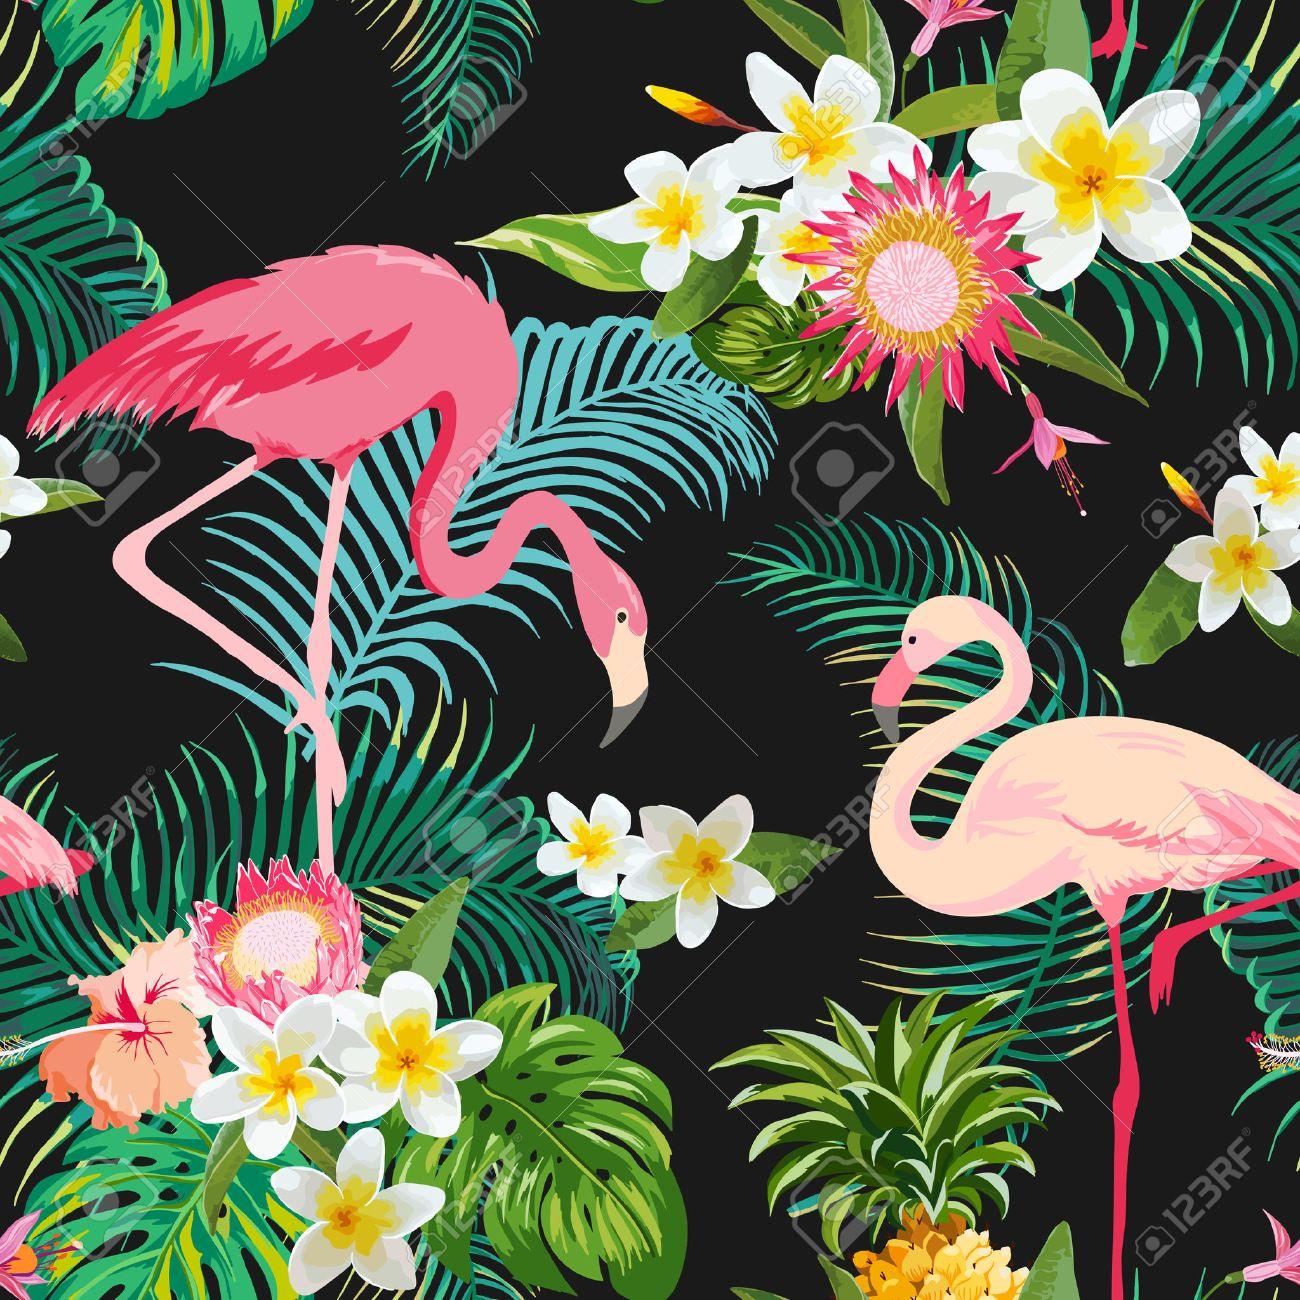 Tropische Blumen Und Vögel Hintergrund. Jahrgang Nahtlose Muster ...